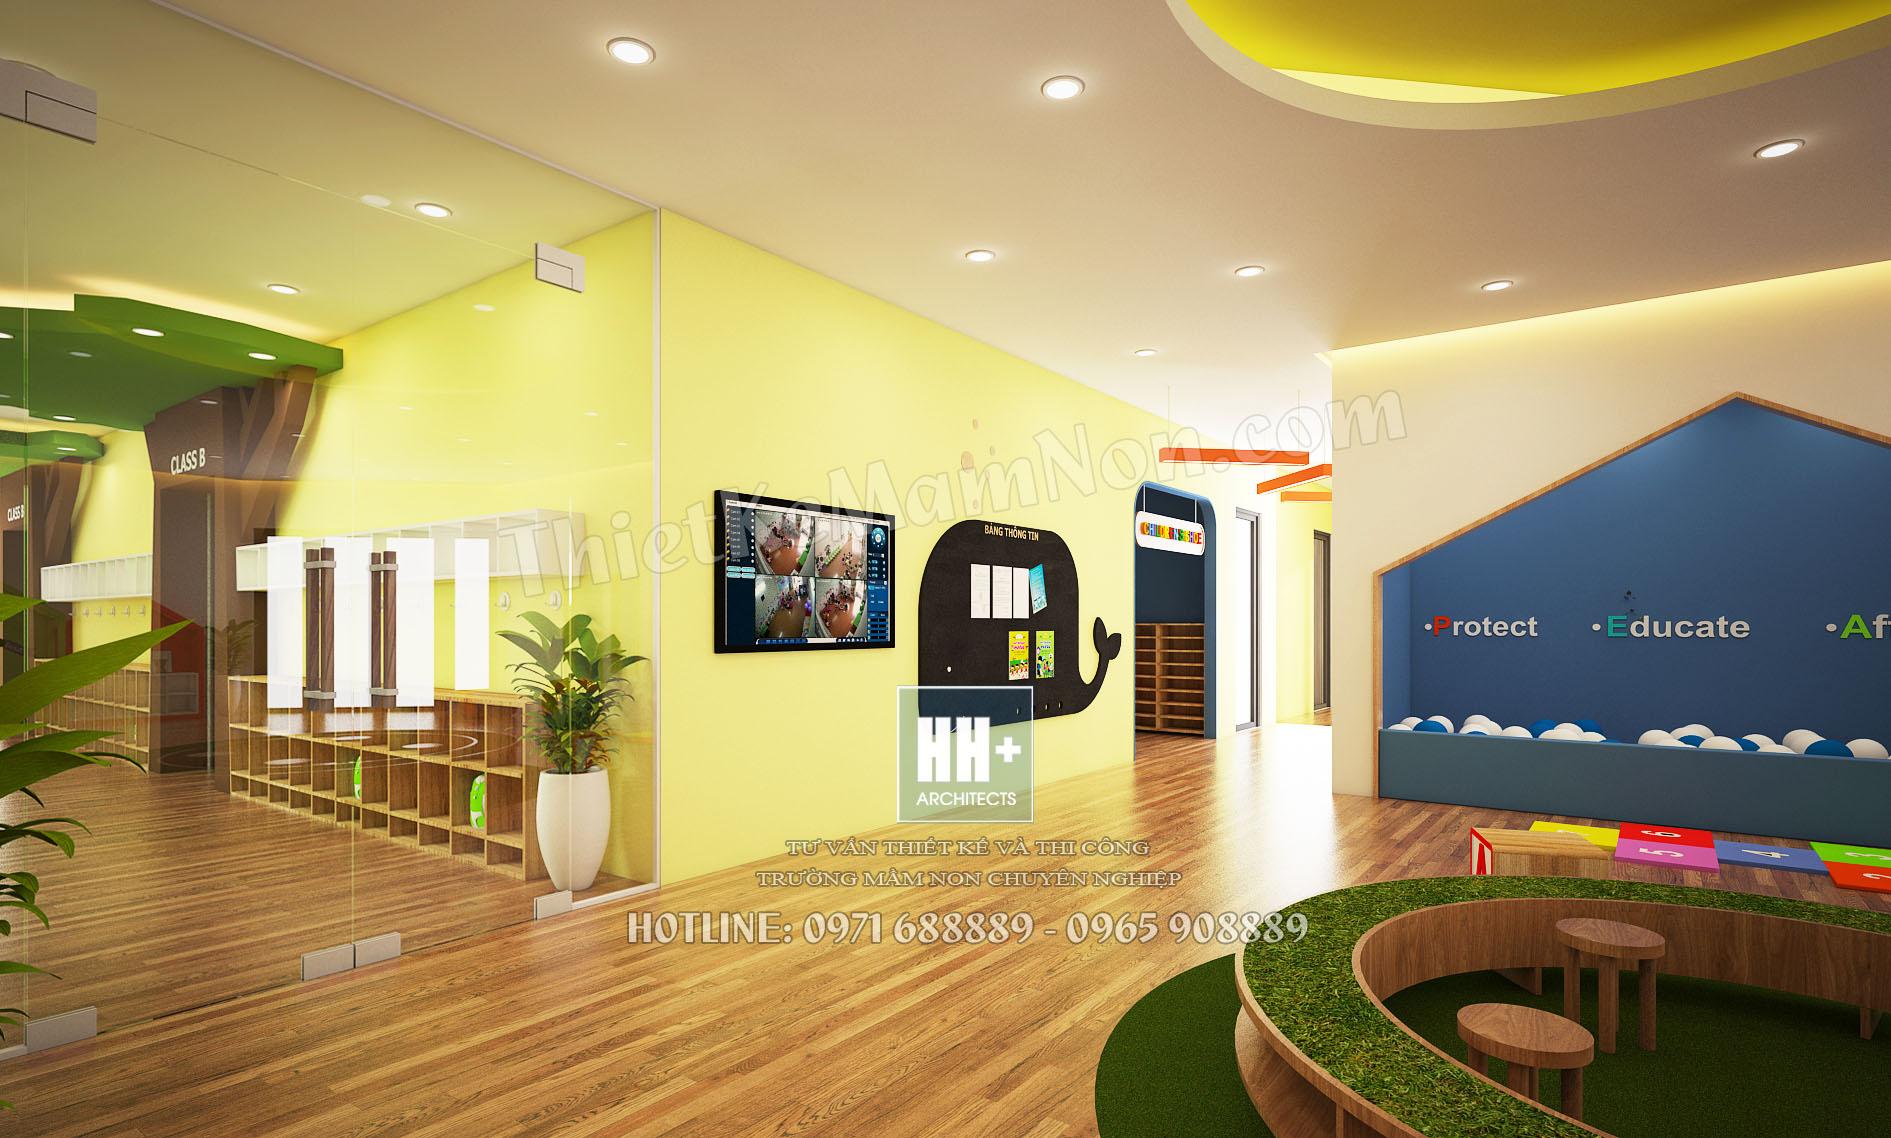 06 sanh 6 Thiết kế trường mầm non montessori Thiết kế trường mầm non montessori Hoa Thủy Tinh 06 sanh 6